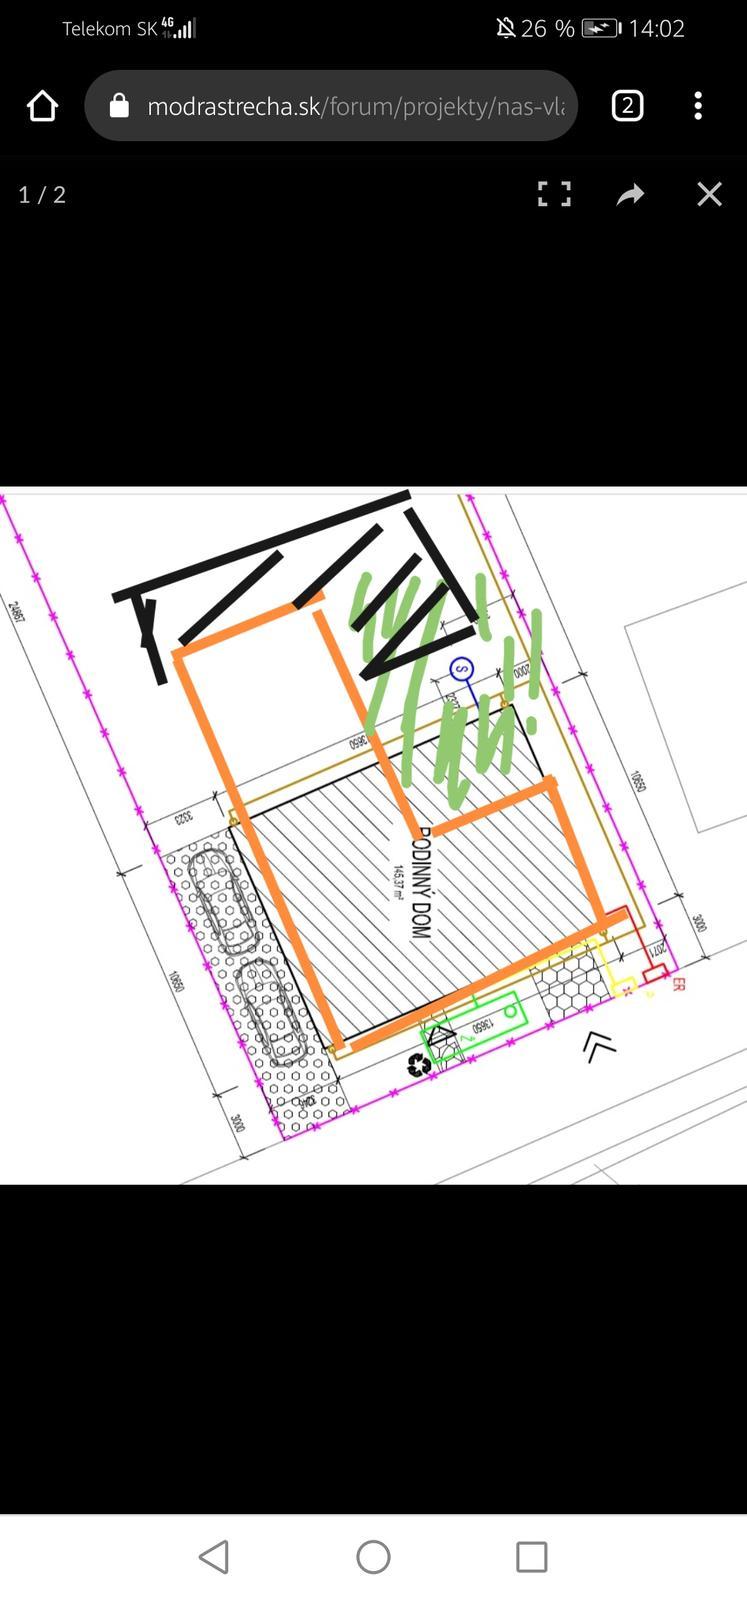 Cierne terasa, oranzovy podorys,... - Obrázok č. 1